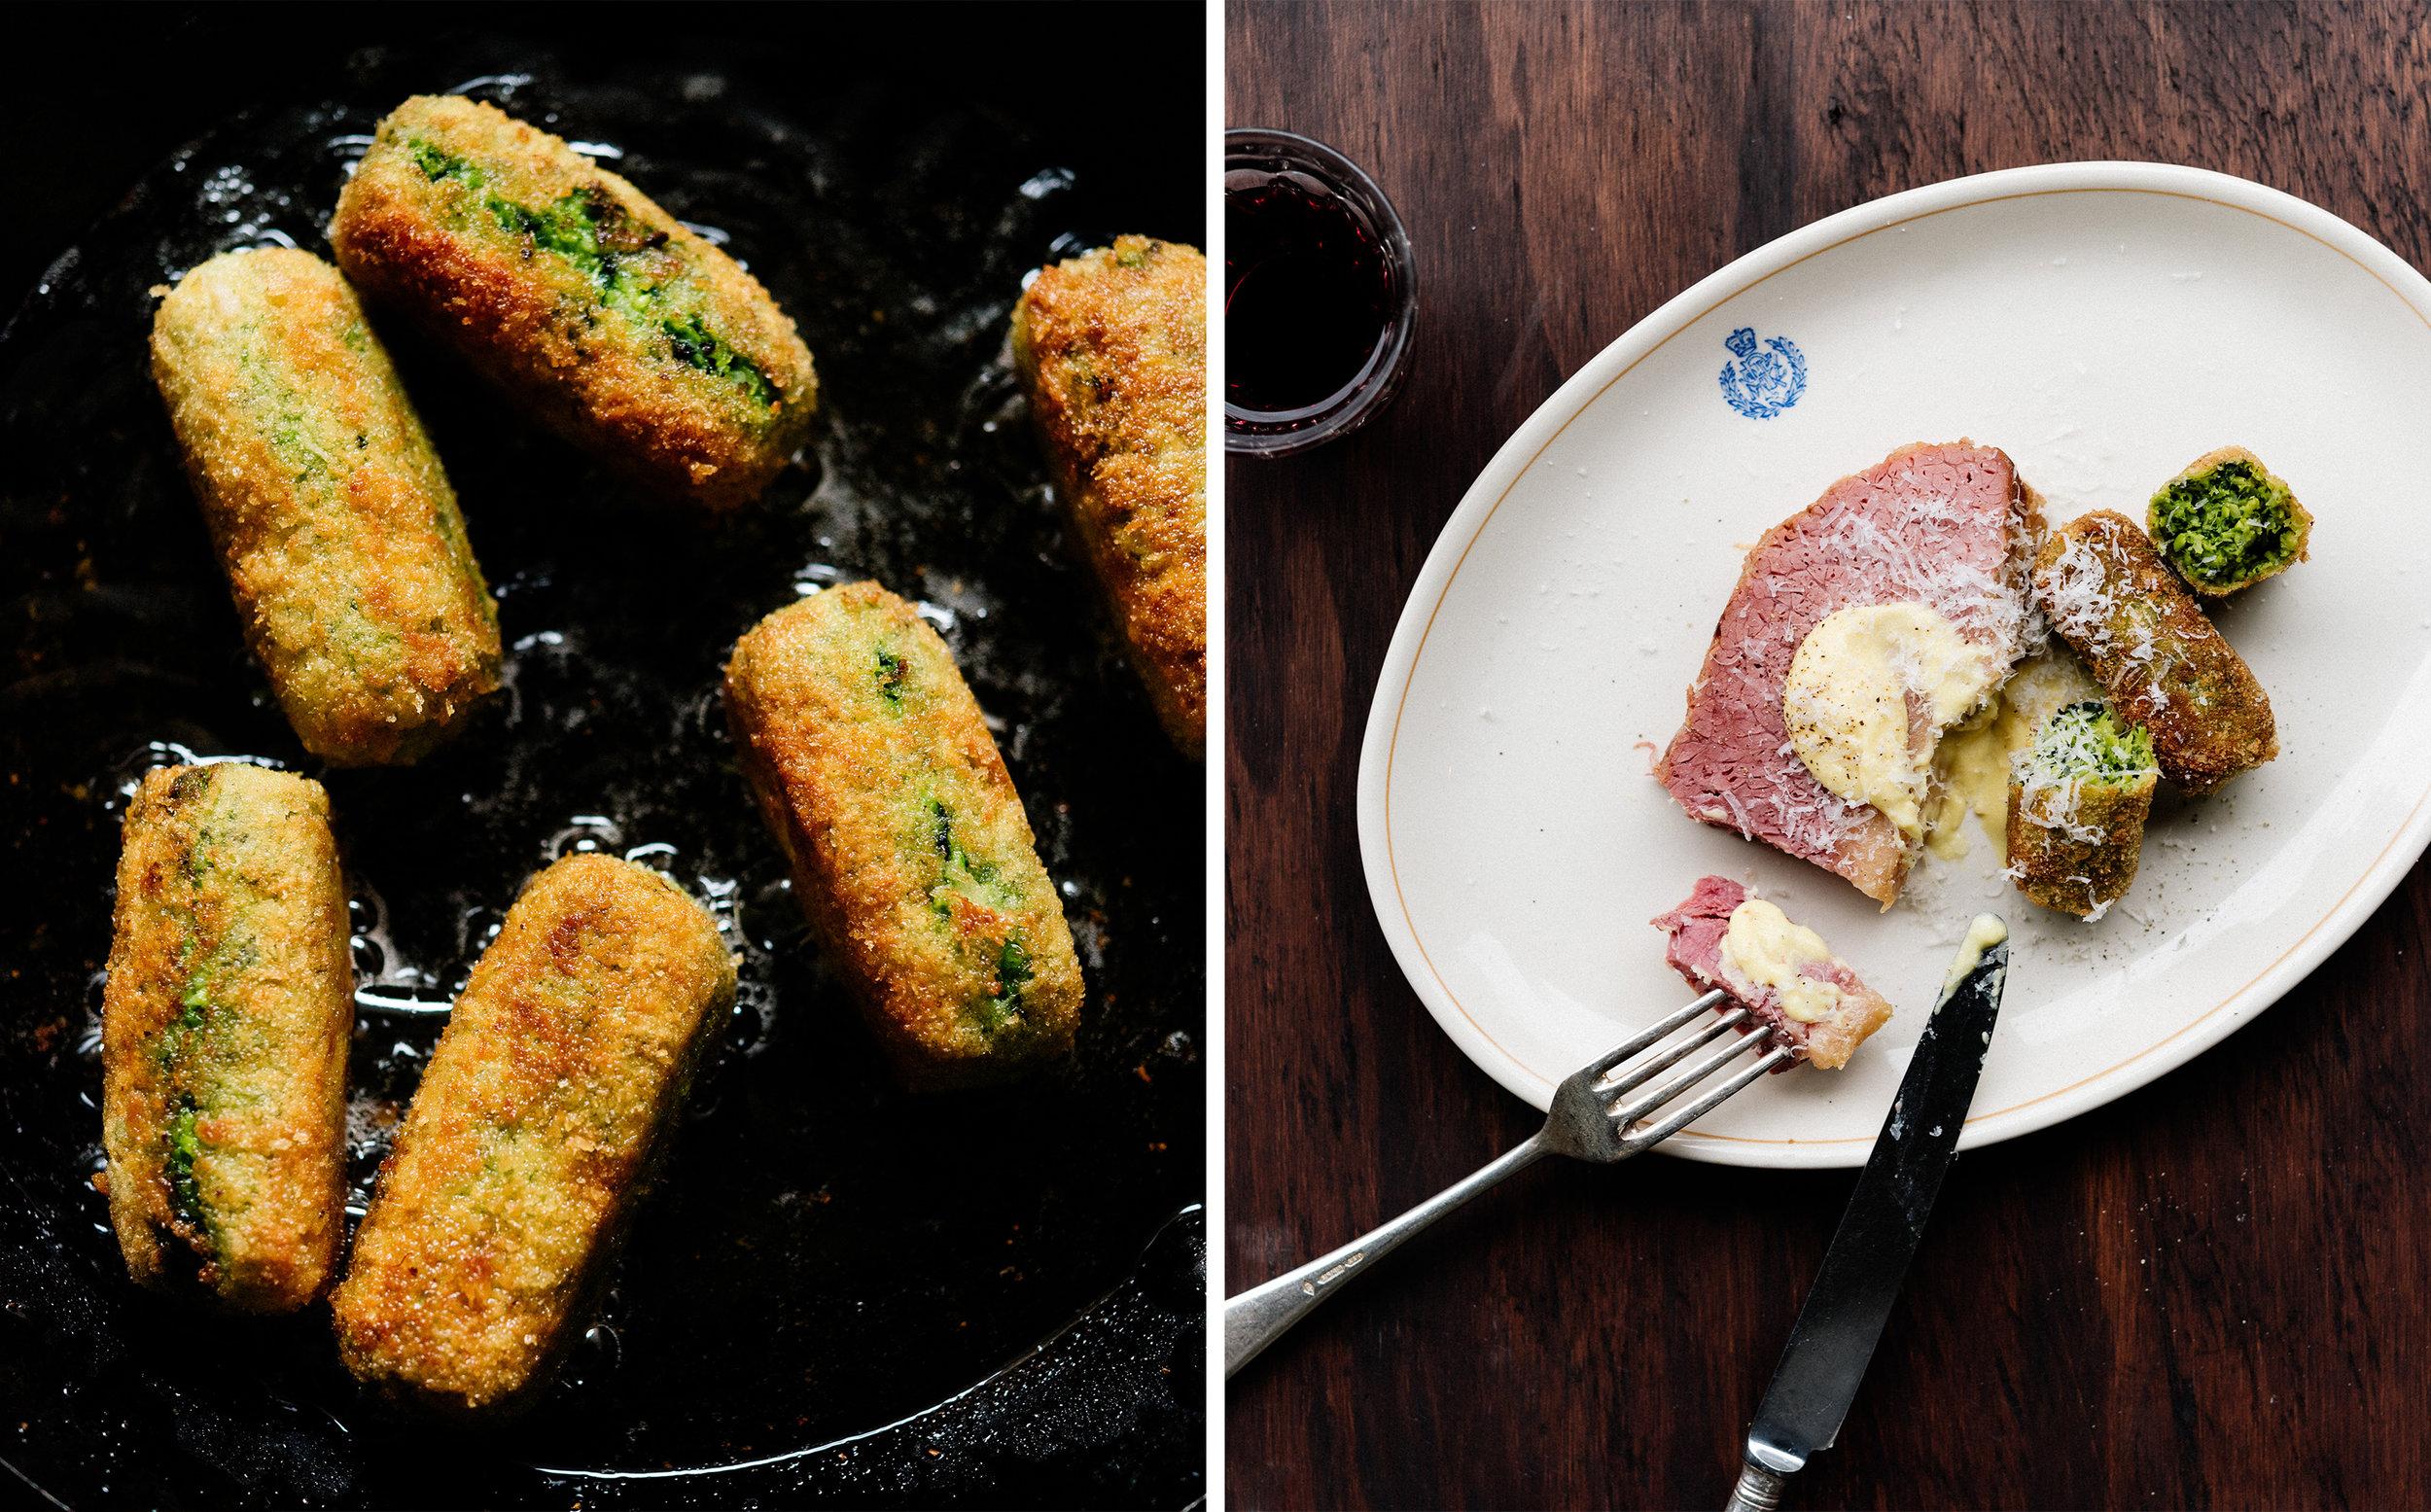 Al-Brown-Eat-Up-NZ-Cookbook-Josh-Griggs-Photographer-Splits-20.jpg